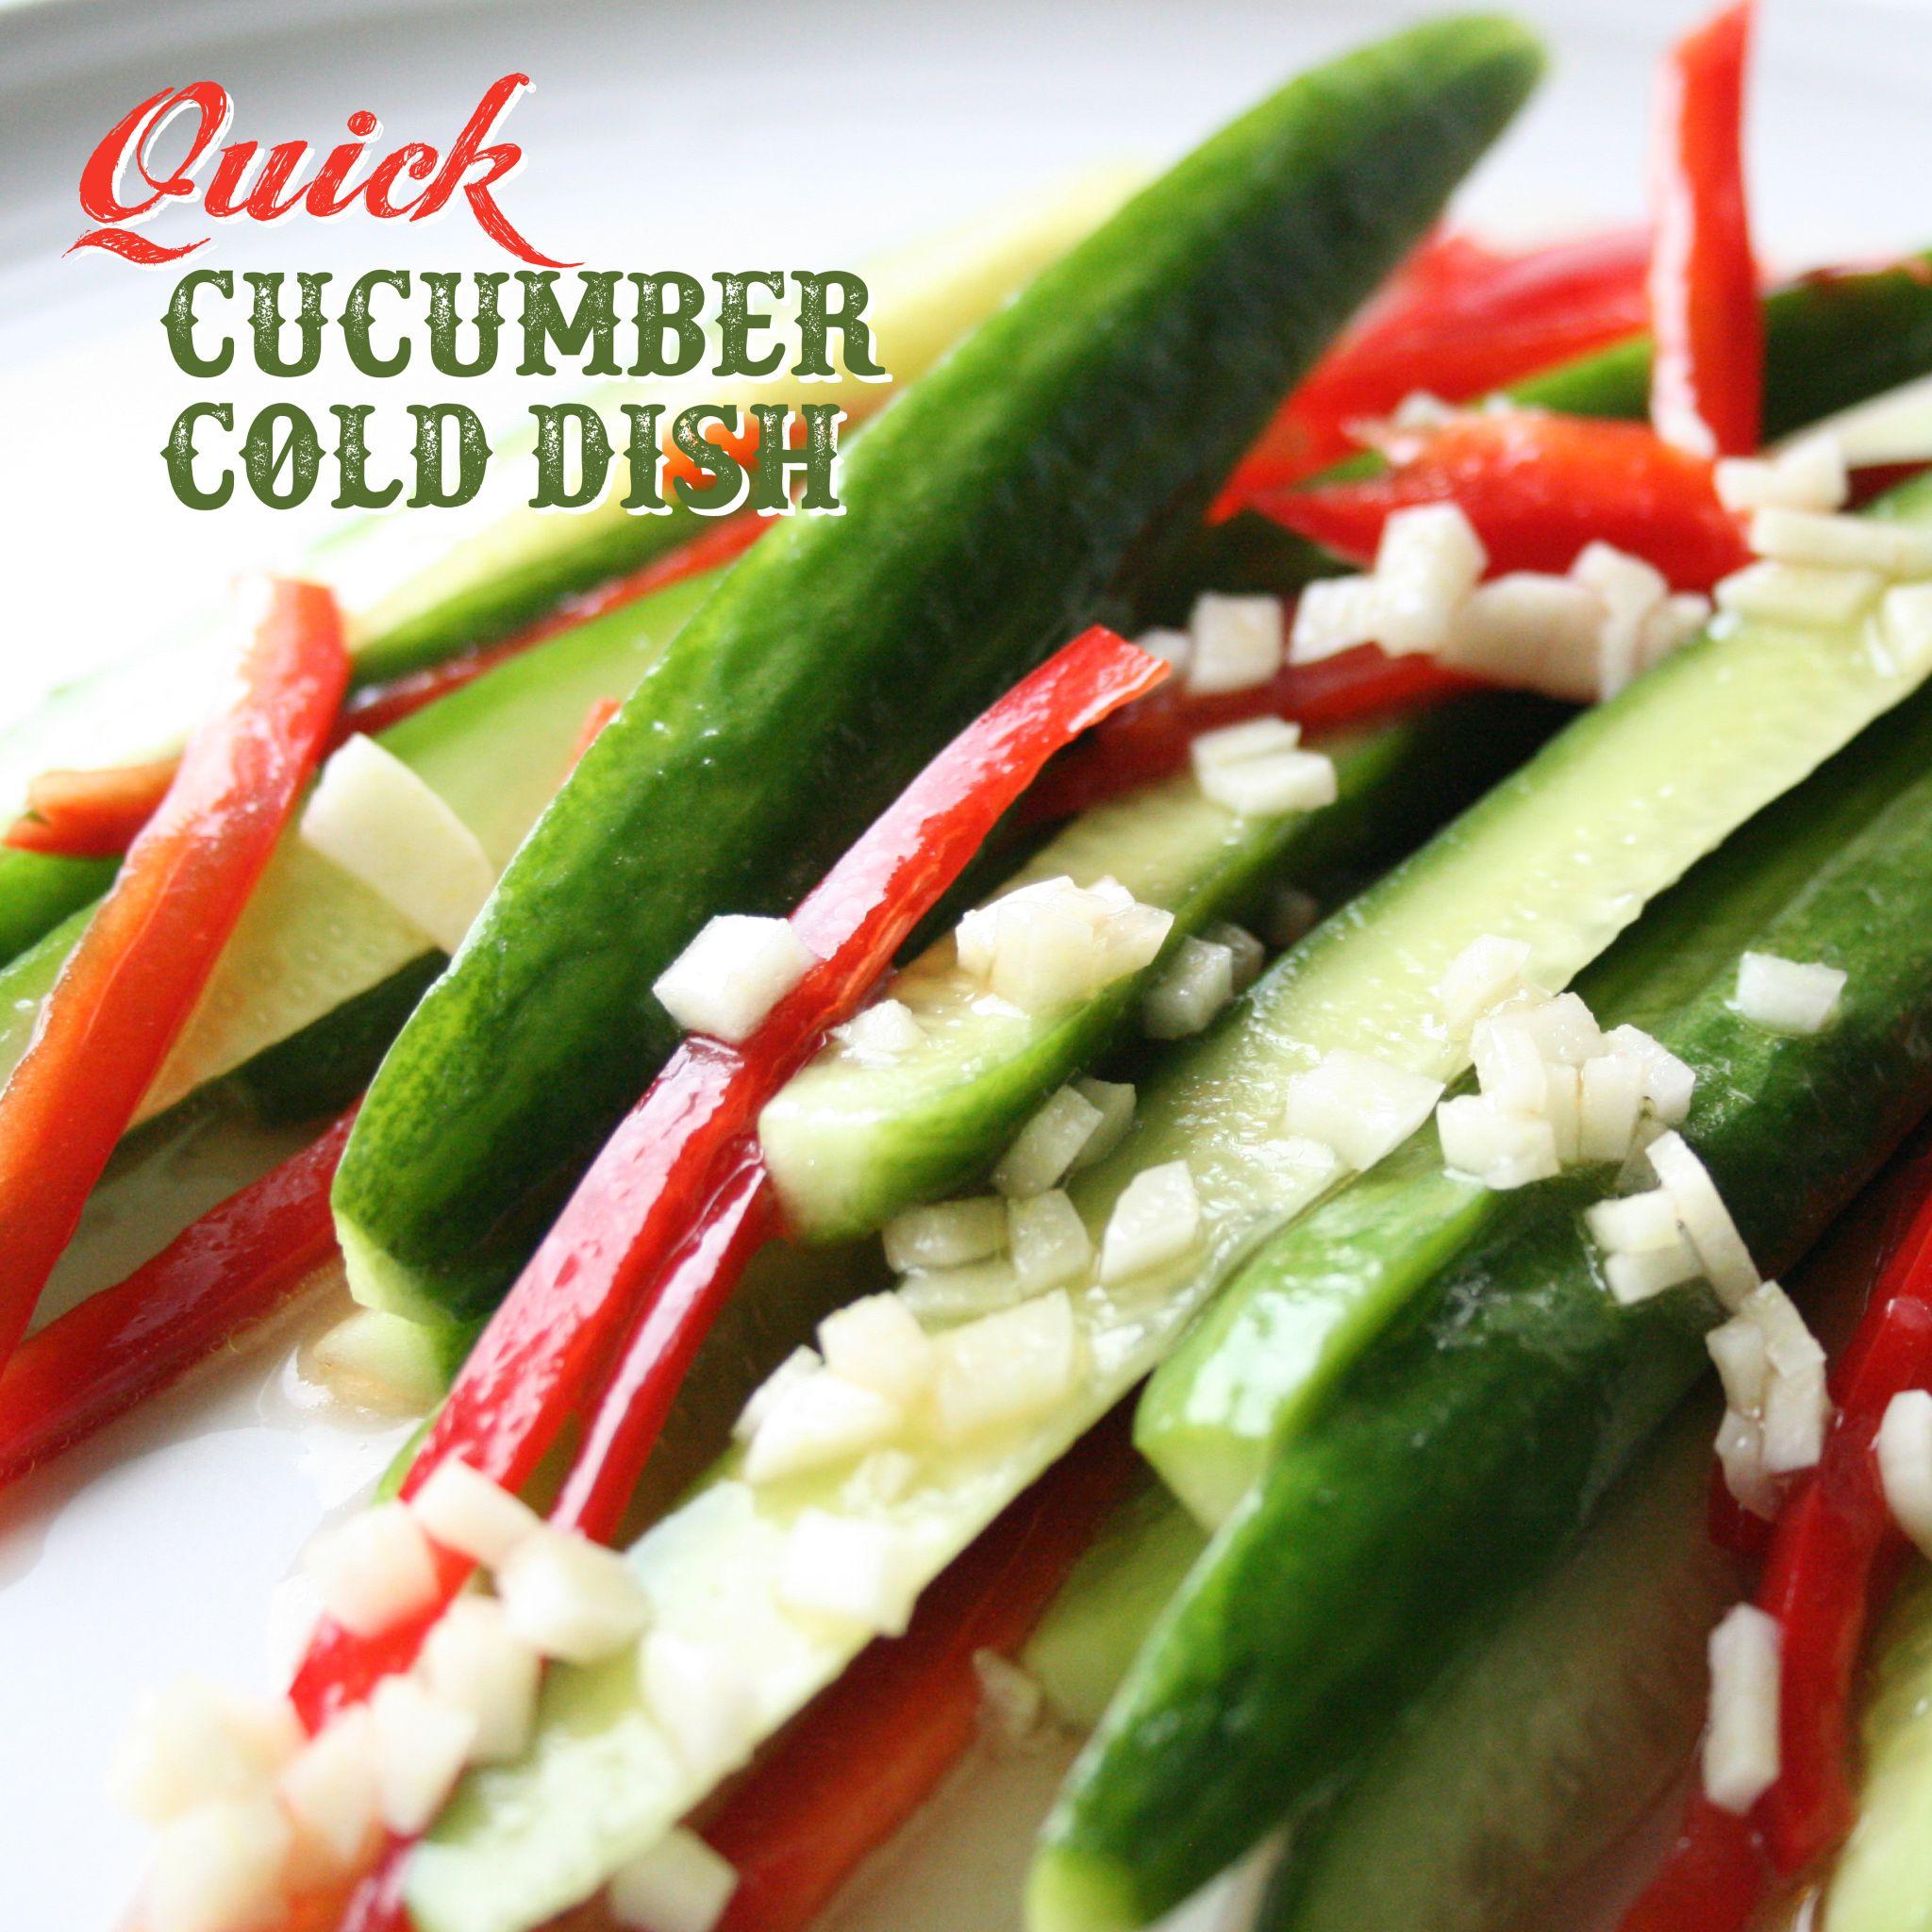 Quick Cucumber Cold Dish